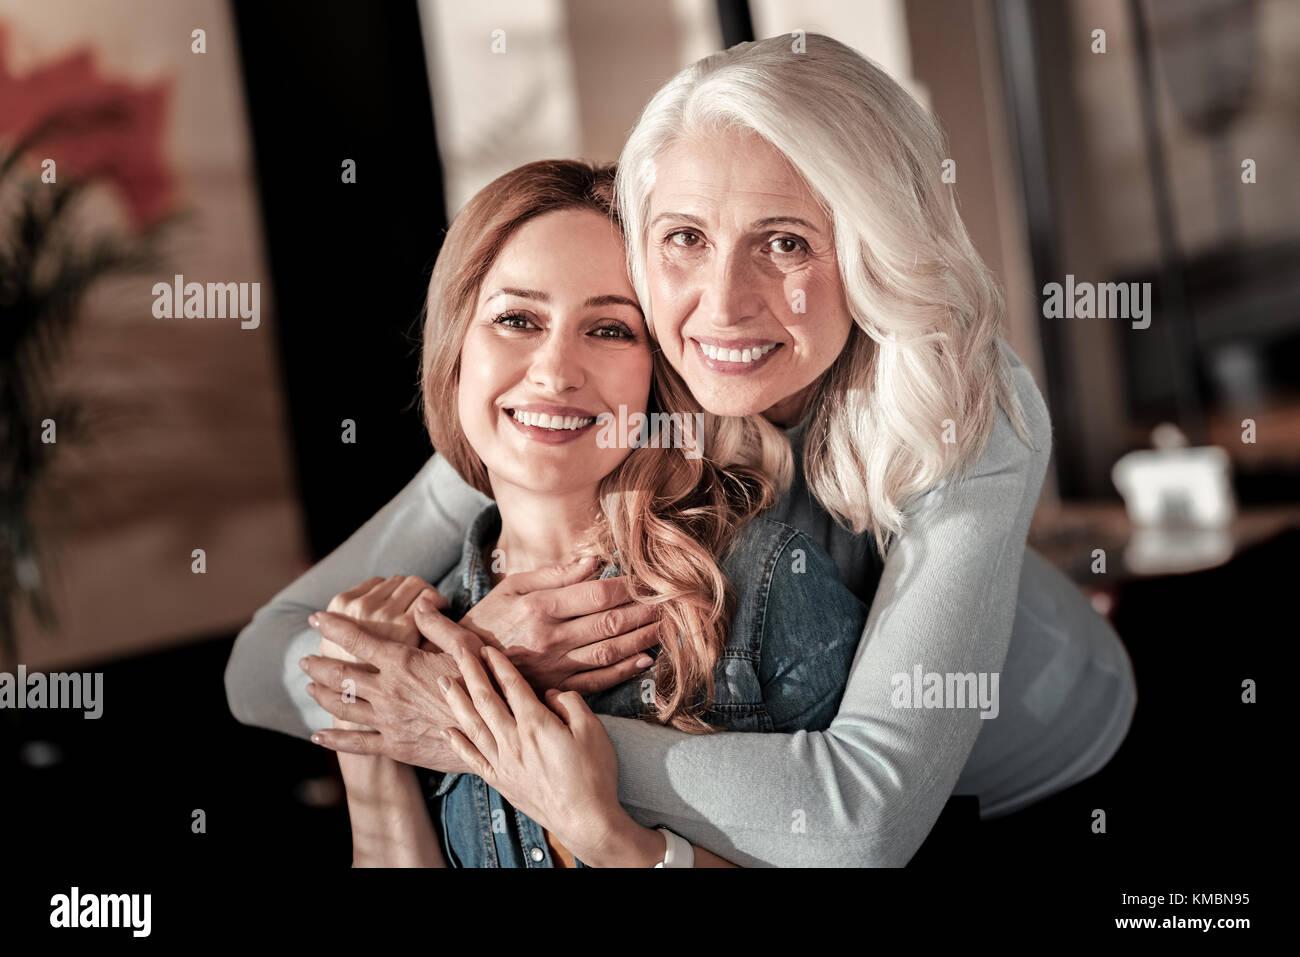 Felice donna senior abbracciando il suo nipote positivo in un cafe Immagini Stock